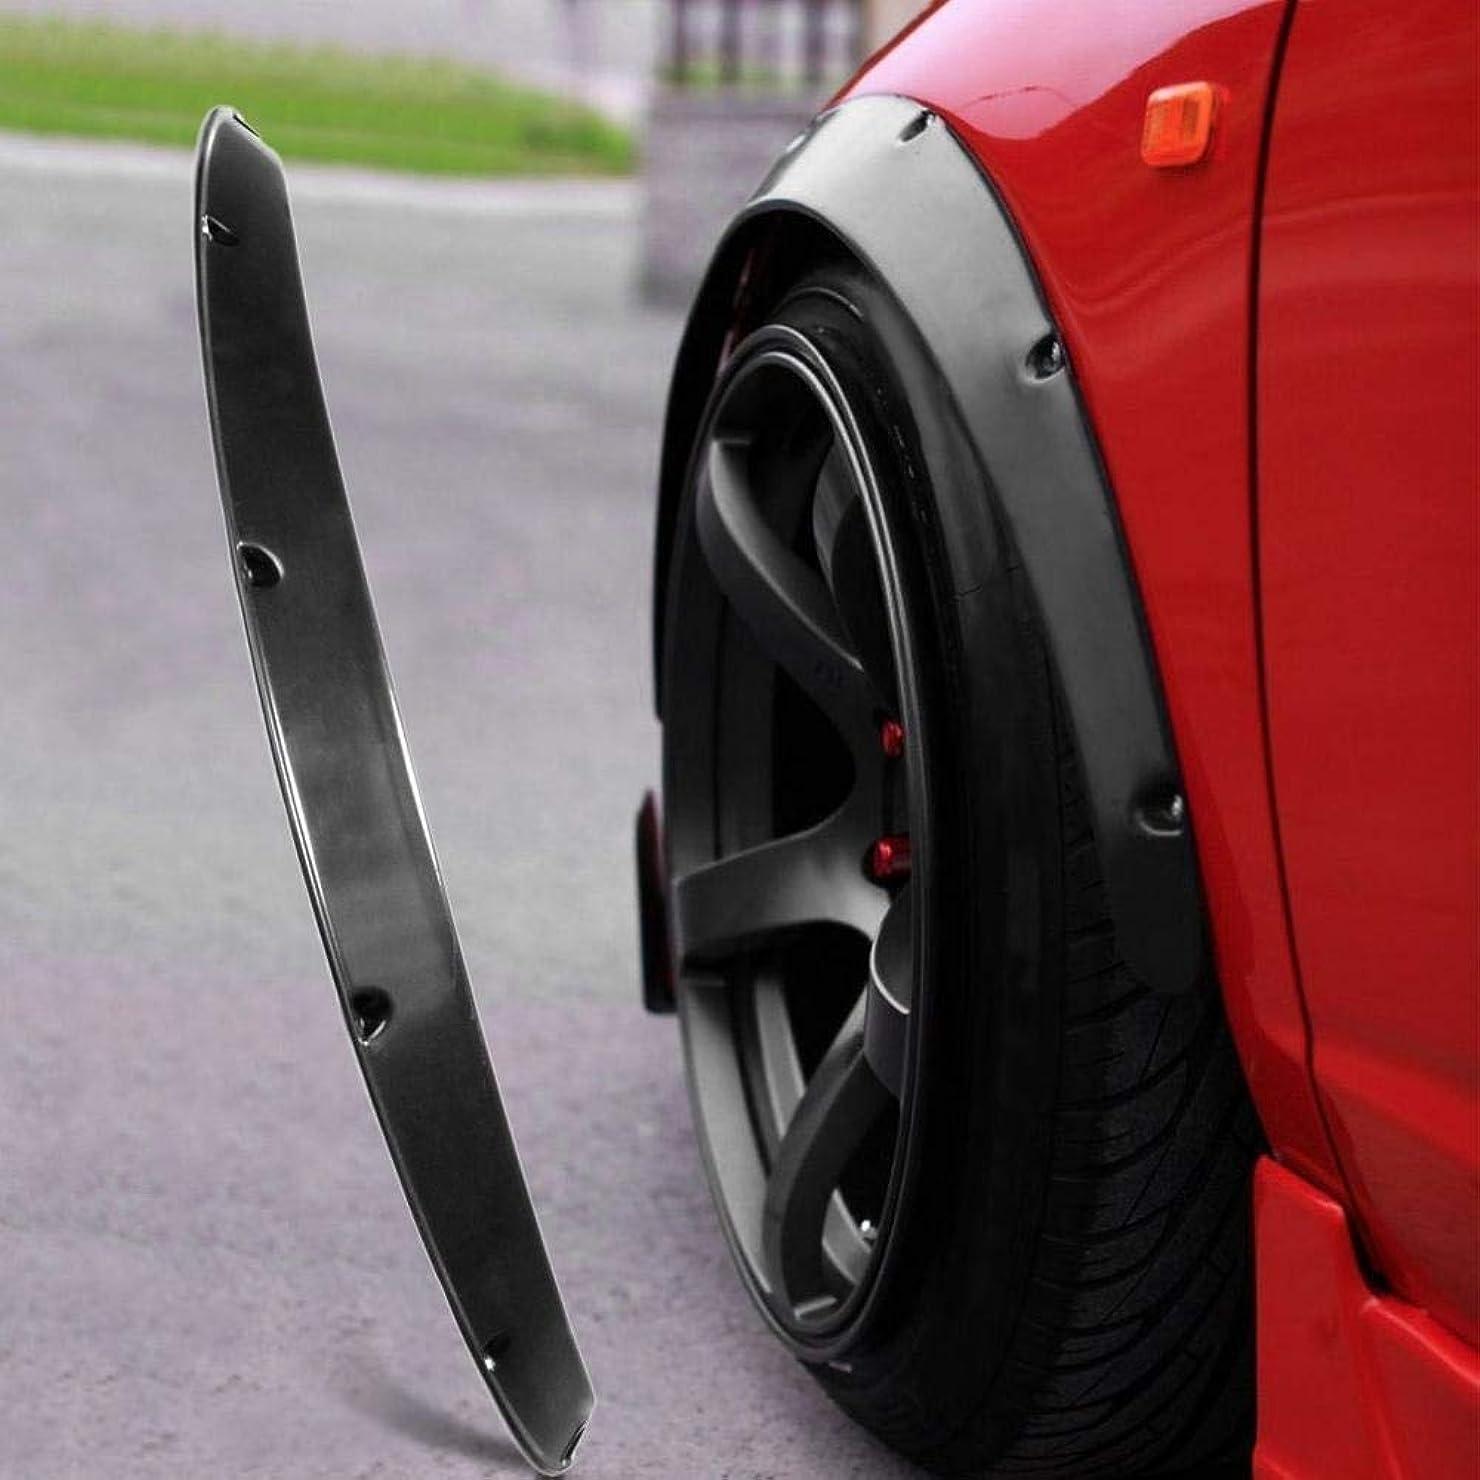 反響するほめるロープ車のマッドフラップ マッドガード4本のユニバーサルJDMフェンダーフレアホイールアーチ2インチ(50ミリメートル)装飾左右前後セットABSプラスチック製の車の付属品